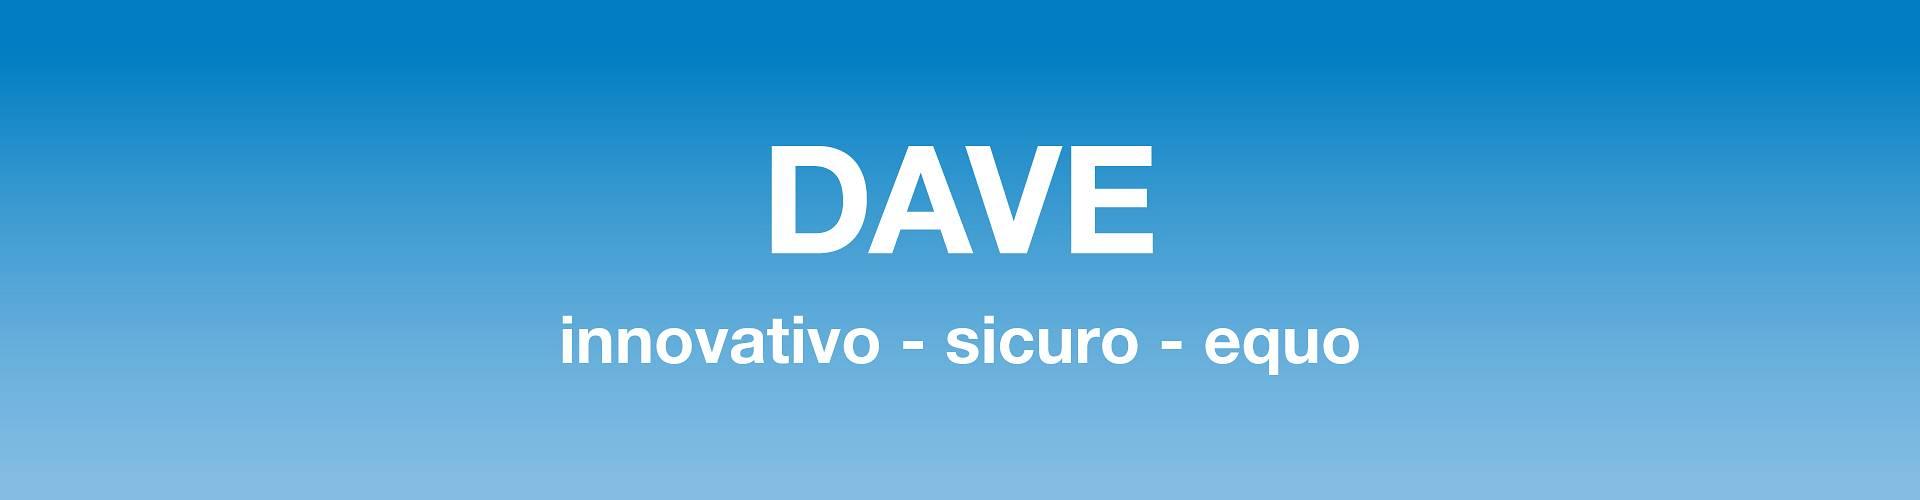 DAVE - innovativo - sicuro - equo RE/MAX